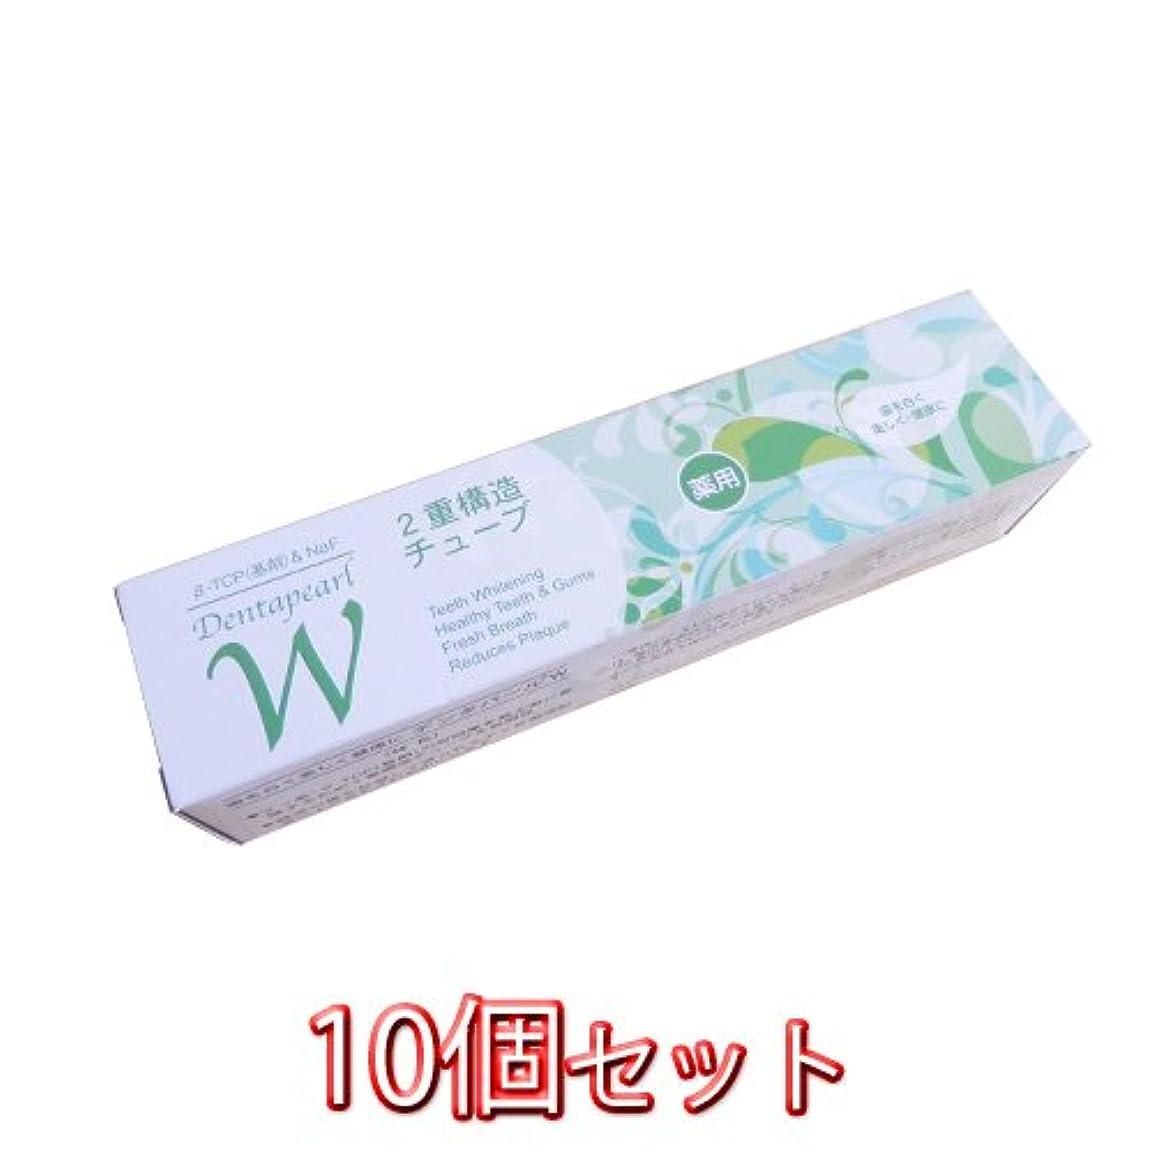 フィクション日焼けそして三宝製薬株式会社 デンタパールW 108g×10本 医薬部外品